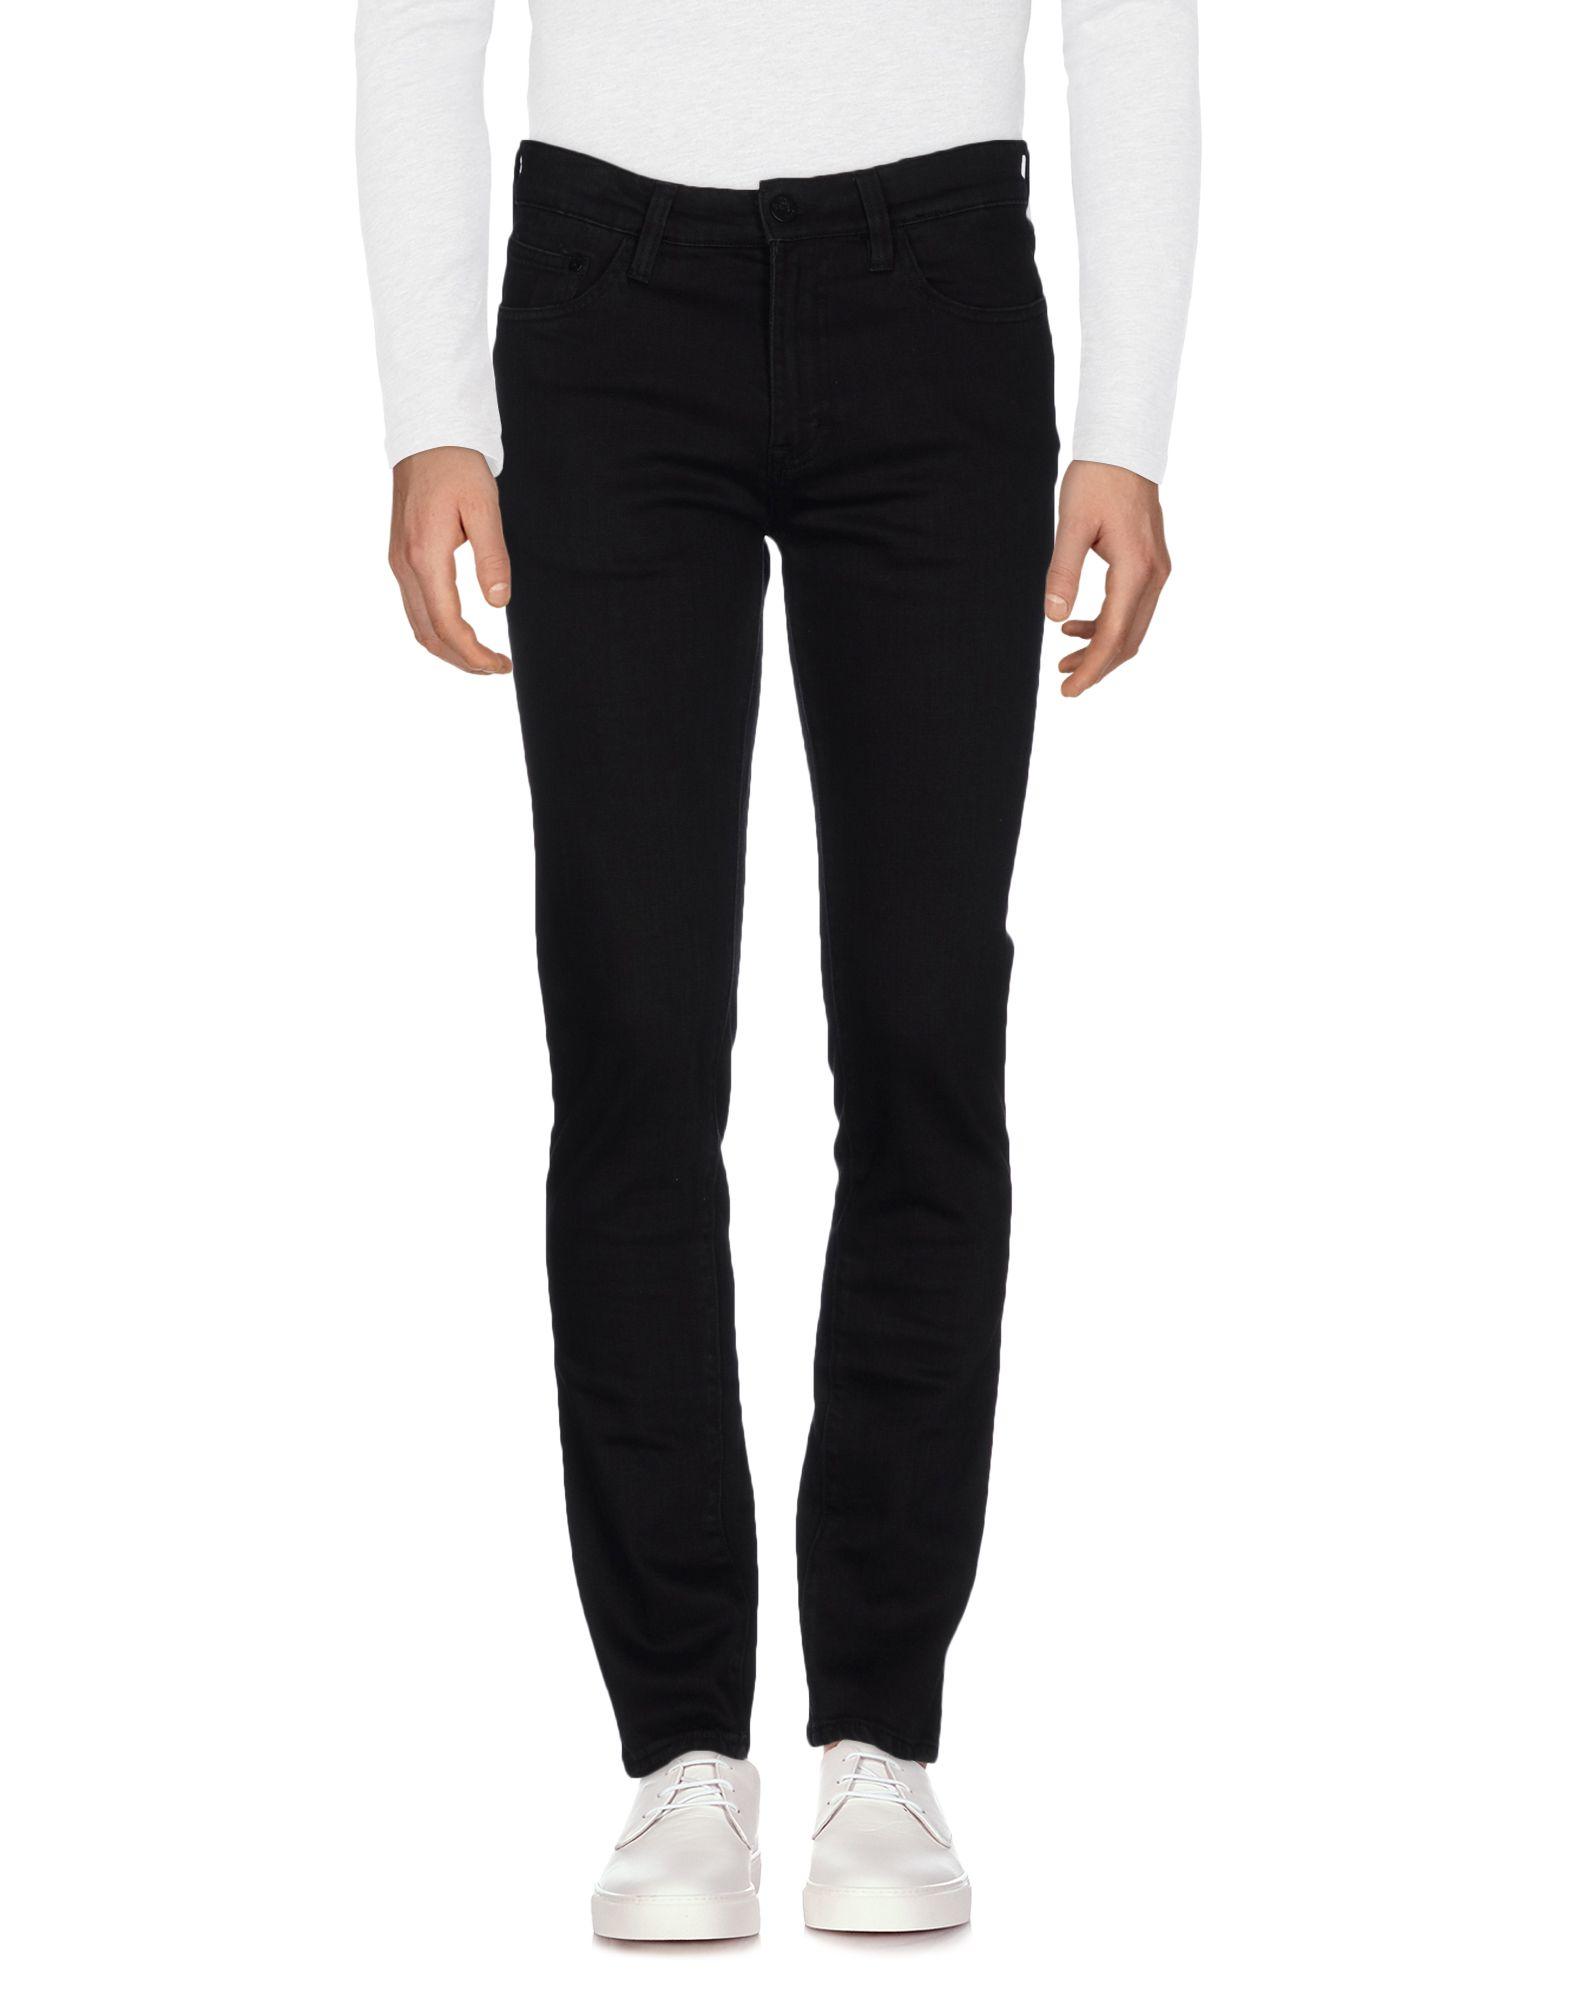 WÅVEN Herren Jeanshose Farbe Schwarz Größe 6 - broschei